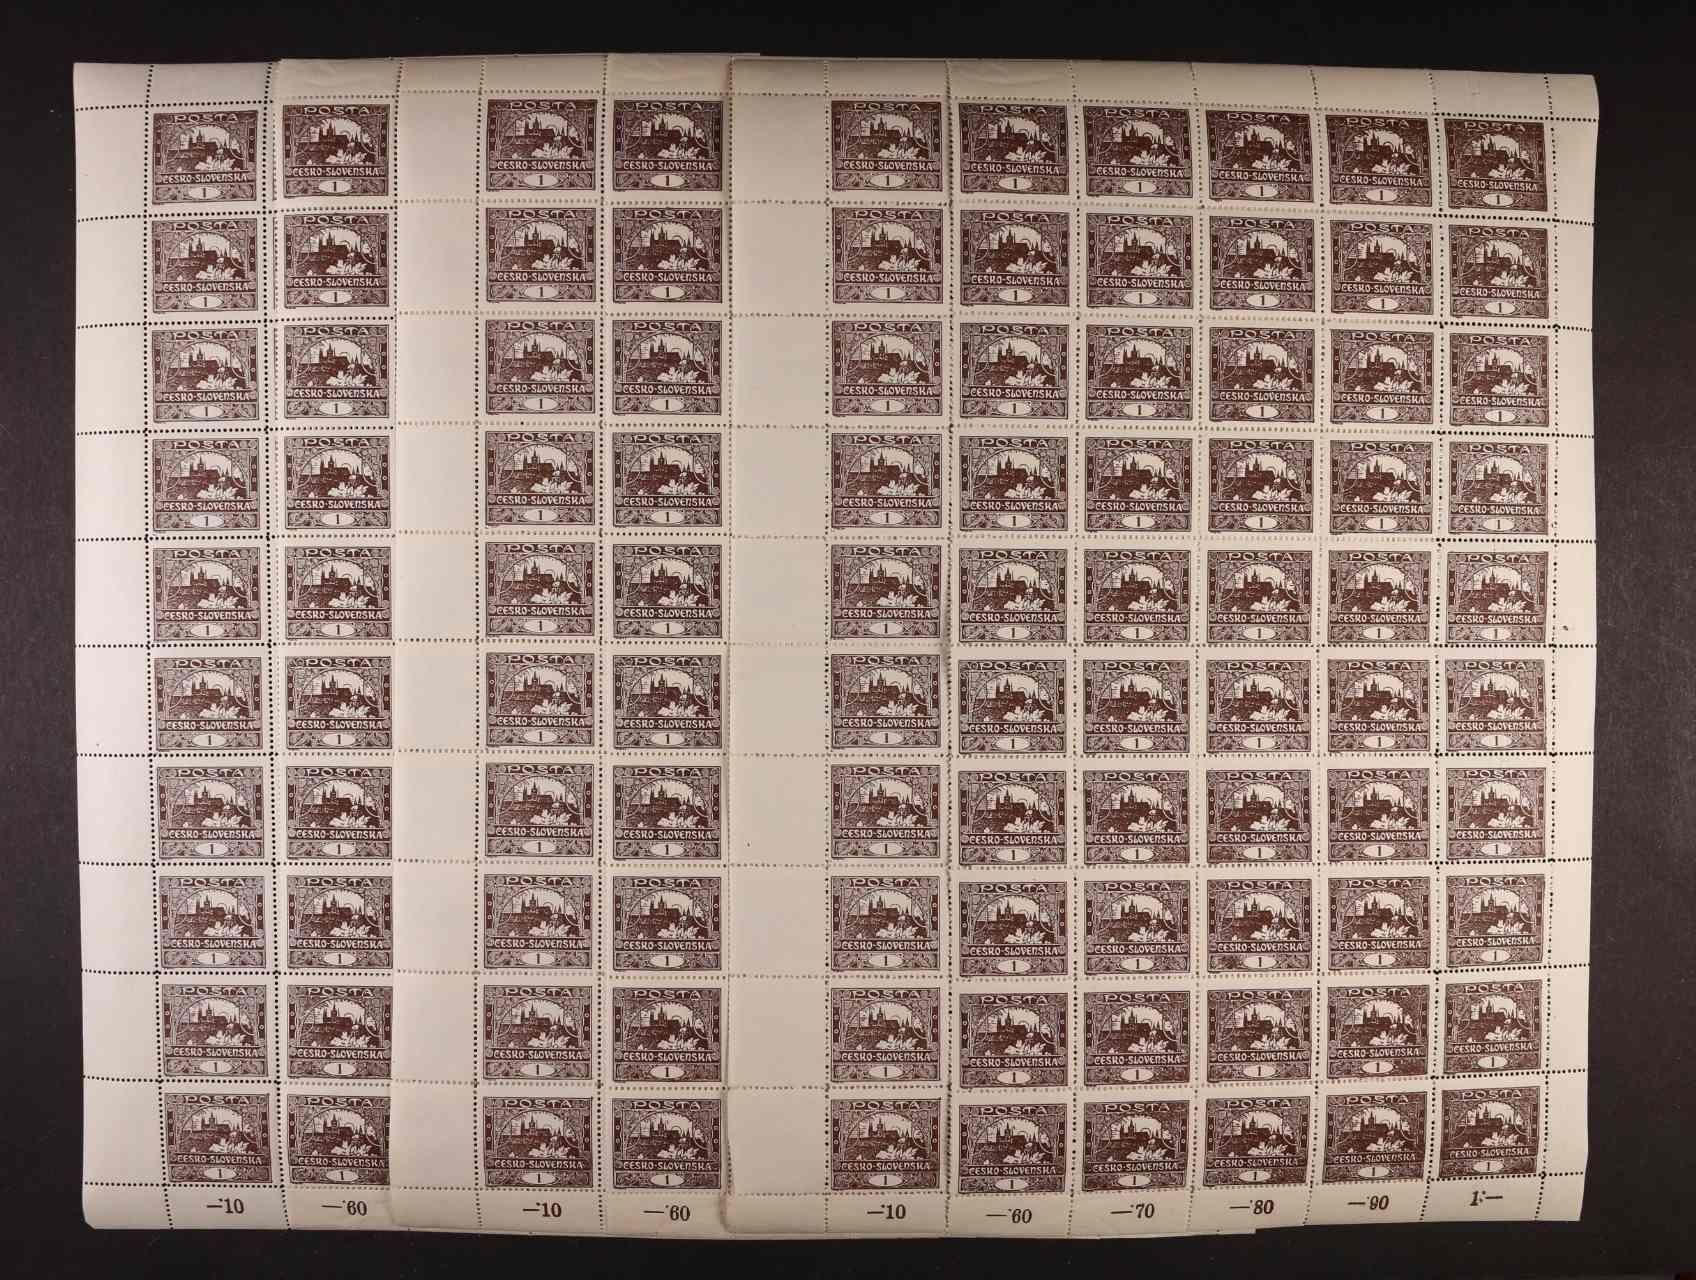 zn. č. 1 C - tři kompl. 100kusové archy svisle uprostřed roztržené, TD II,